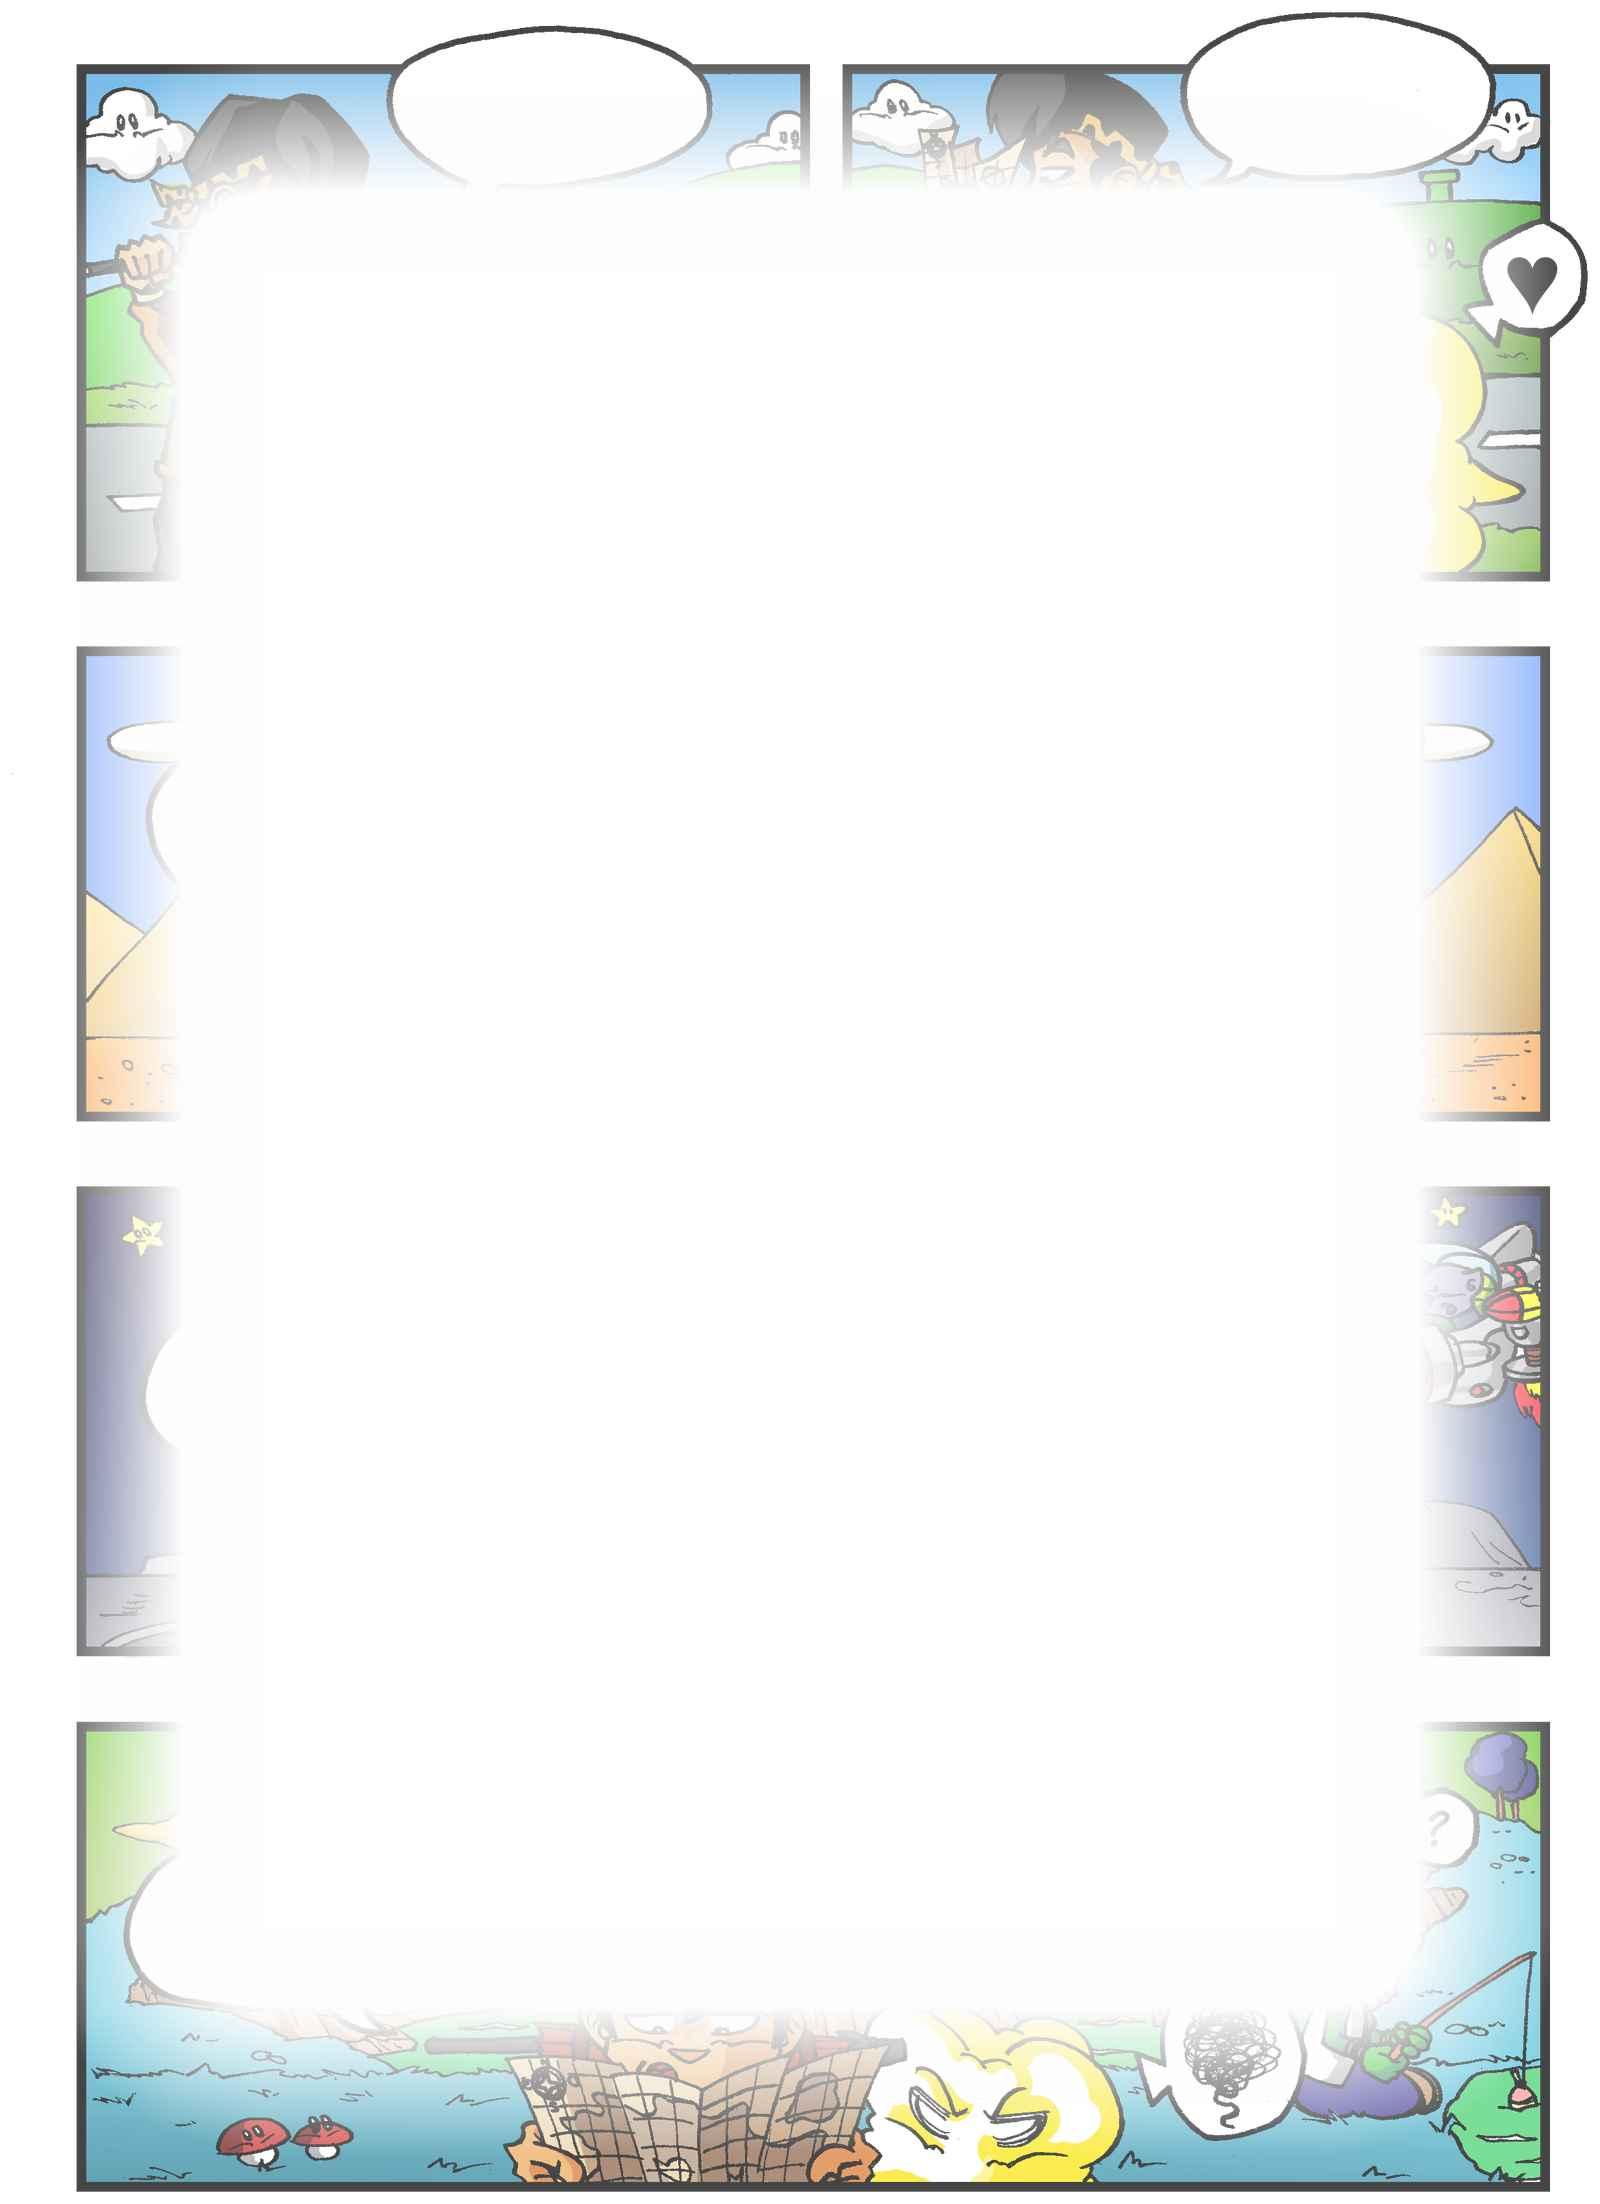 スーパードラゴンブラザーズZ : チャプター 2 ページ 20